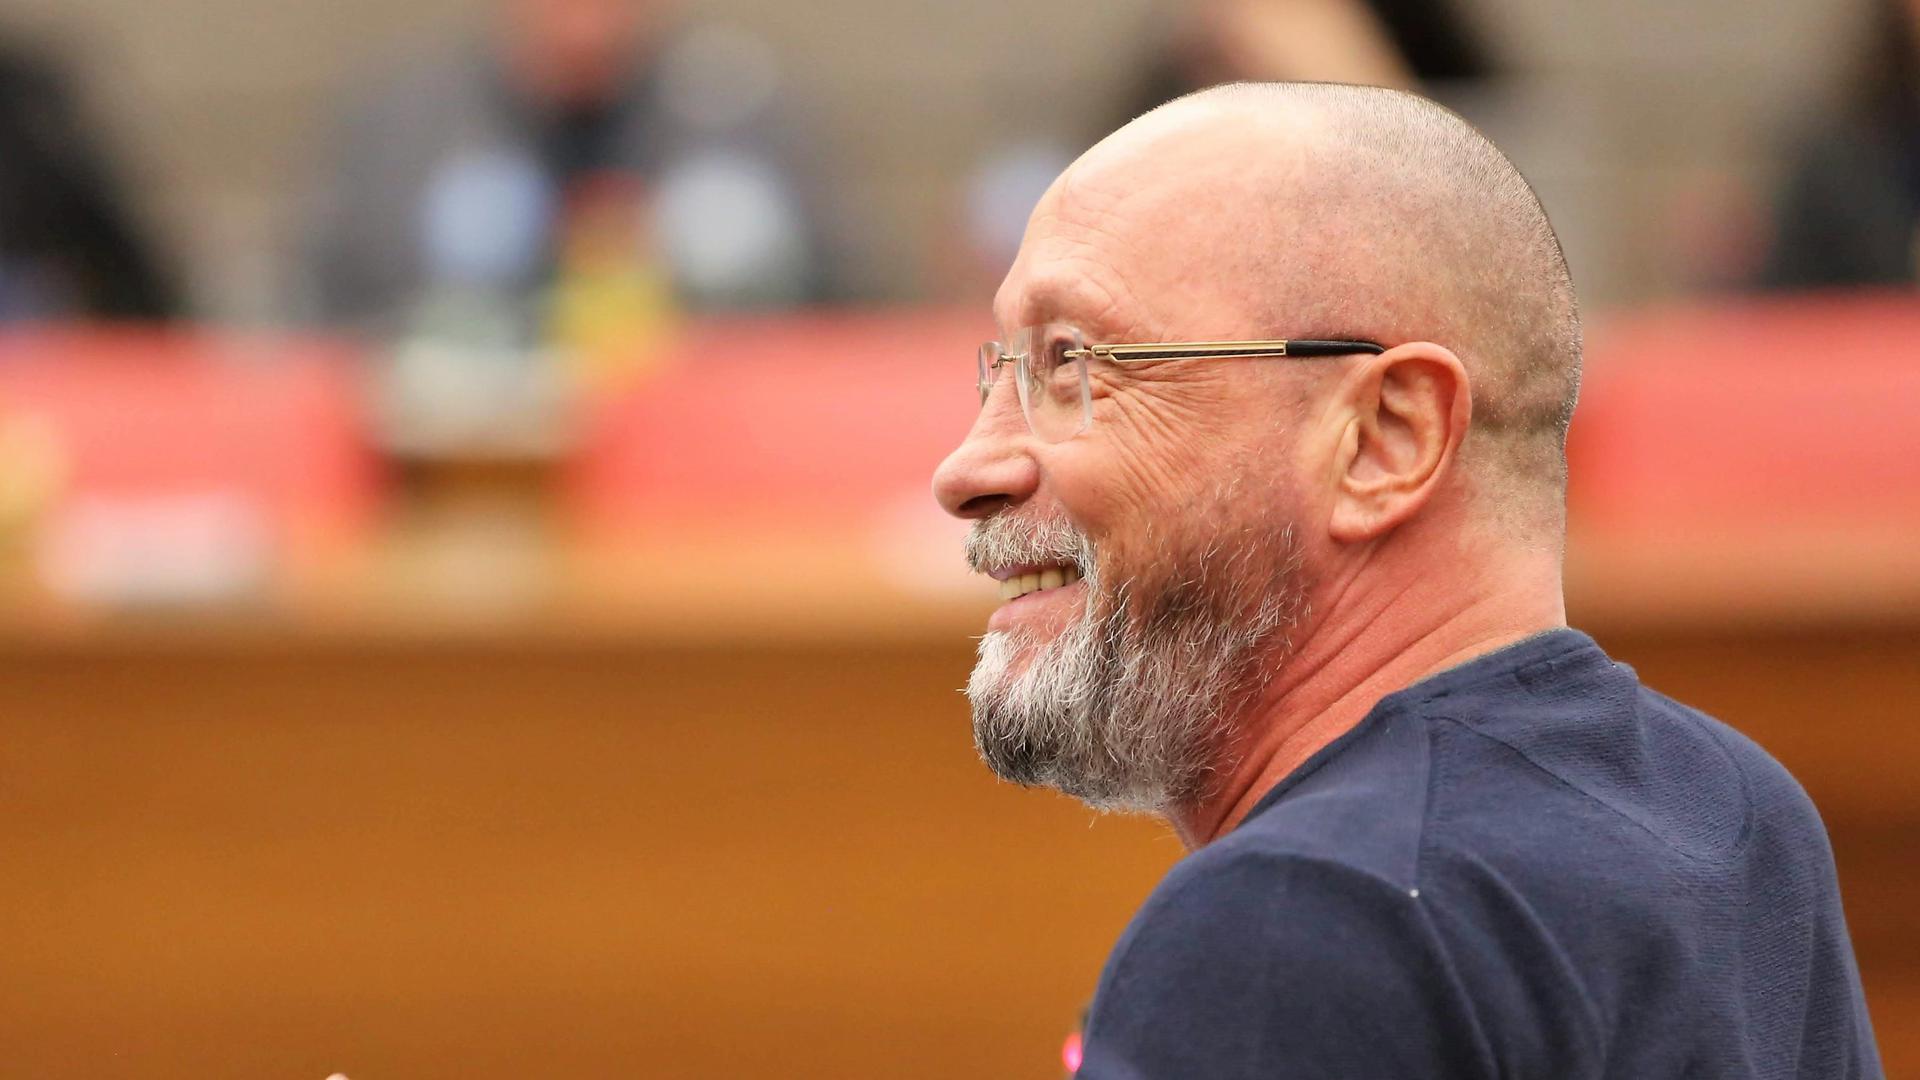 Stadtrat Uwe Hück auf einem Archivbild im Ratssaal von Pforzheim. Die Staatsanwaltschaft Stuttgart hat unter anderem ein Verfahren gegen ihn eingestellt.